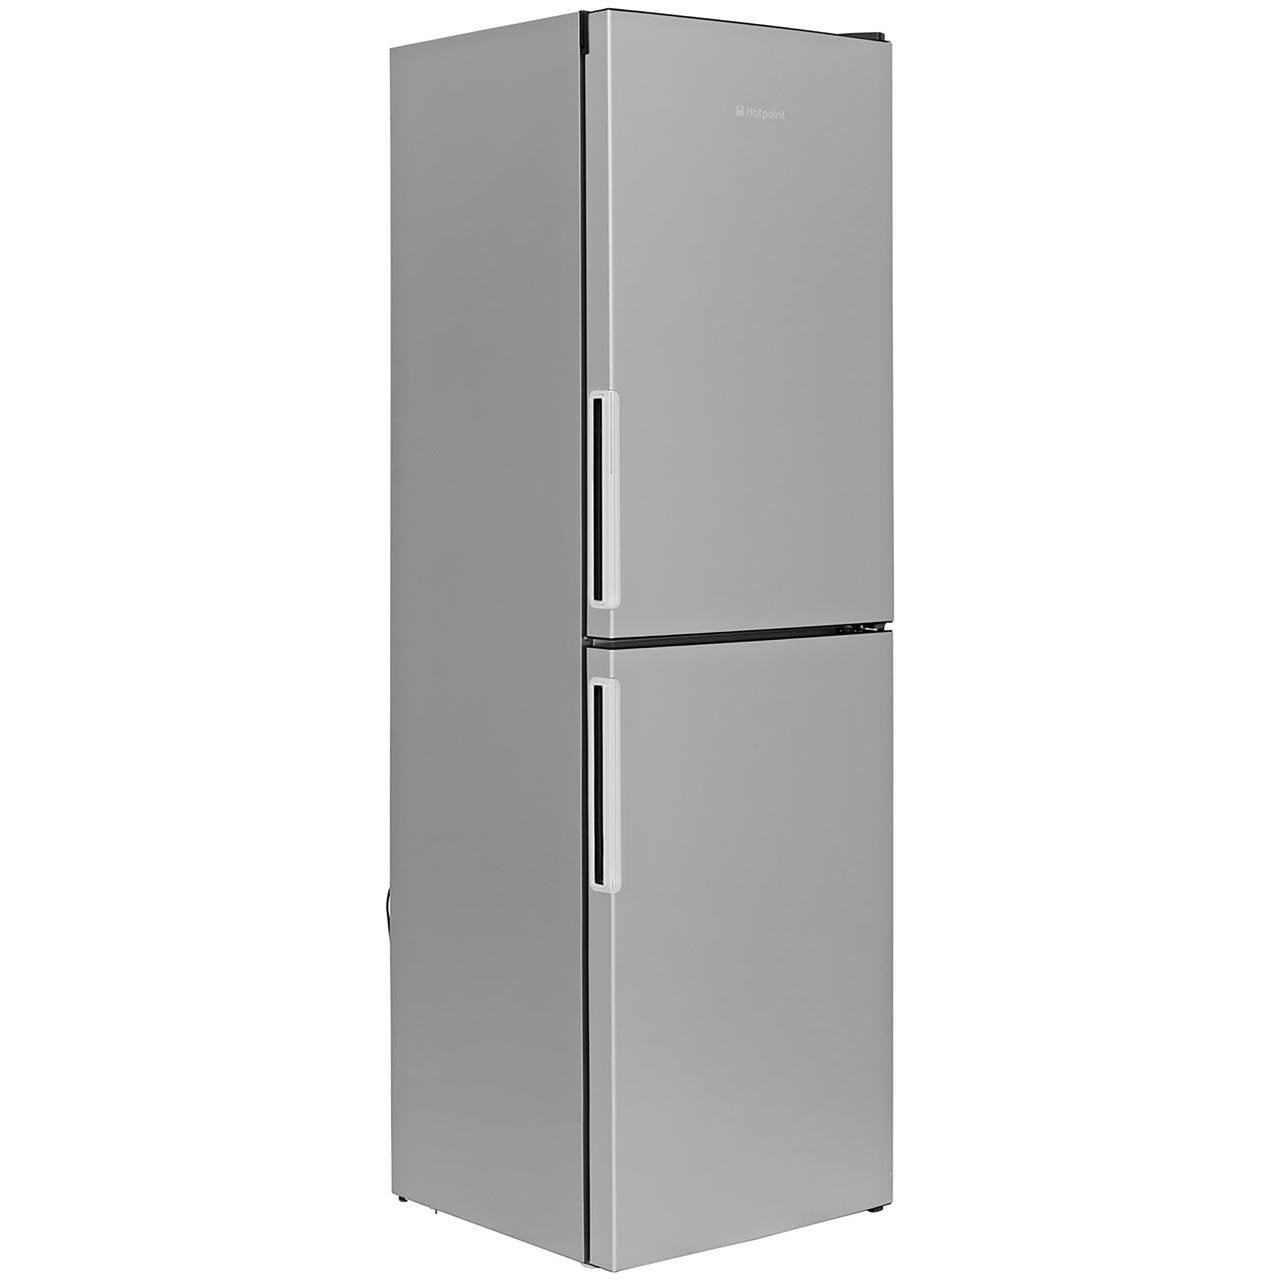 hotpoint lao85ff1ig fridge freezer appliance spotter. Black Bedroom Furniture Sets. Home Design Ideas